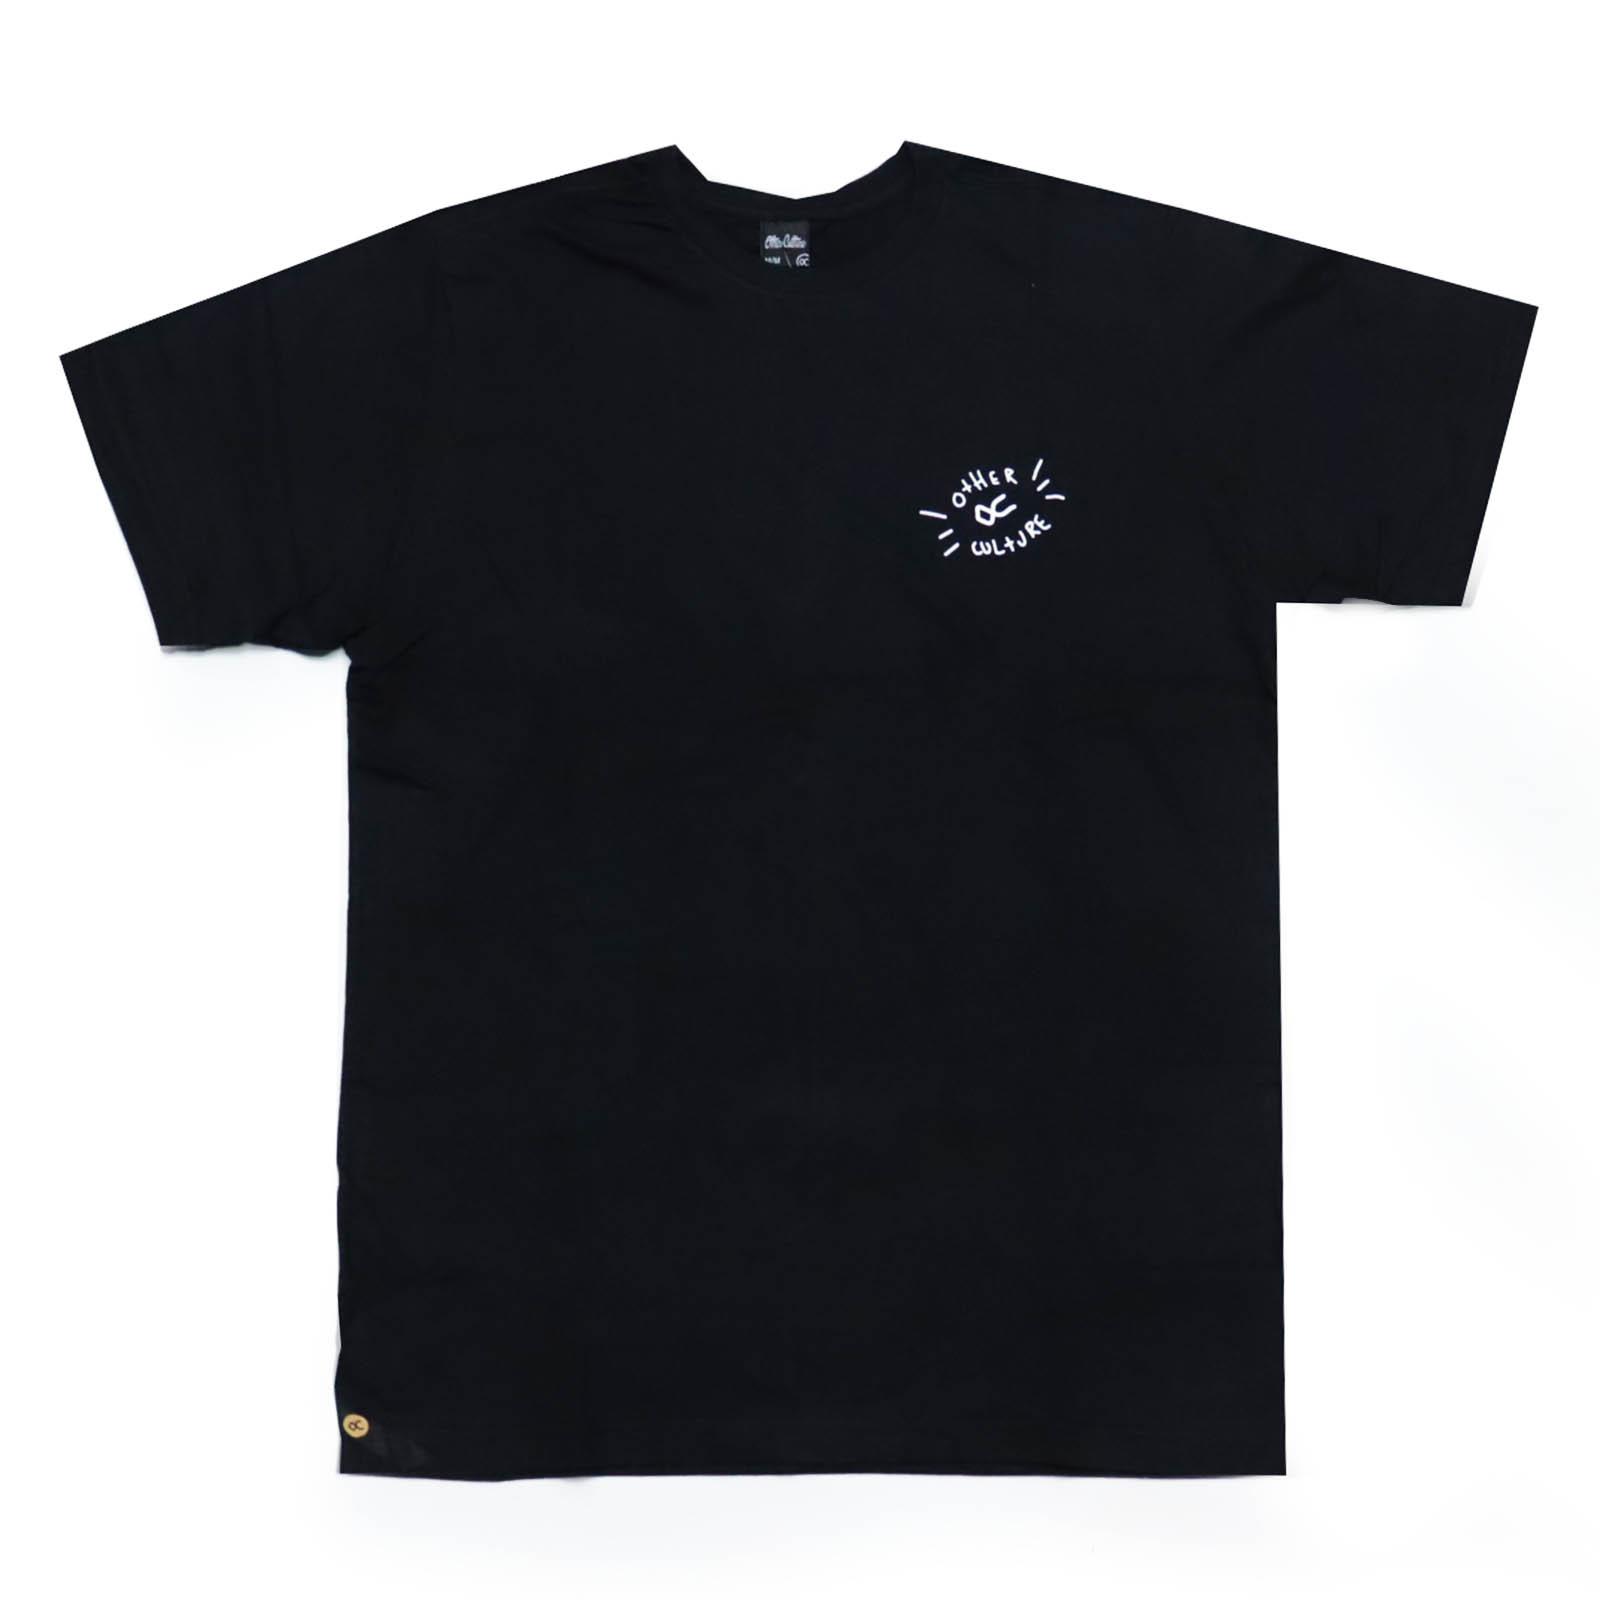 Camiseta Other Culture Cactus - Preto